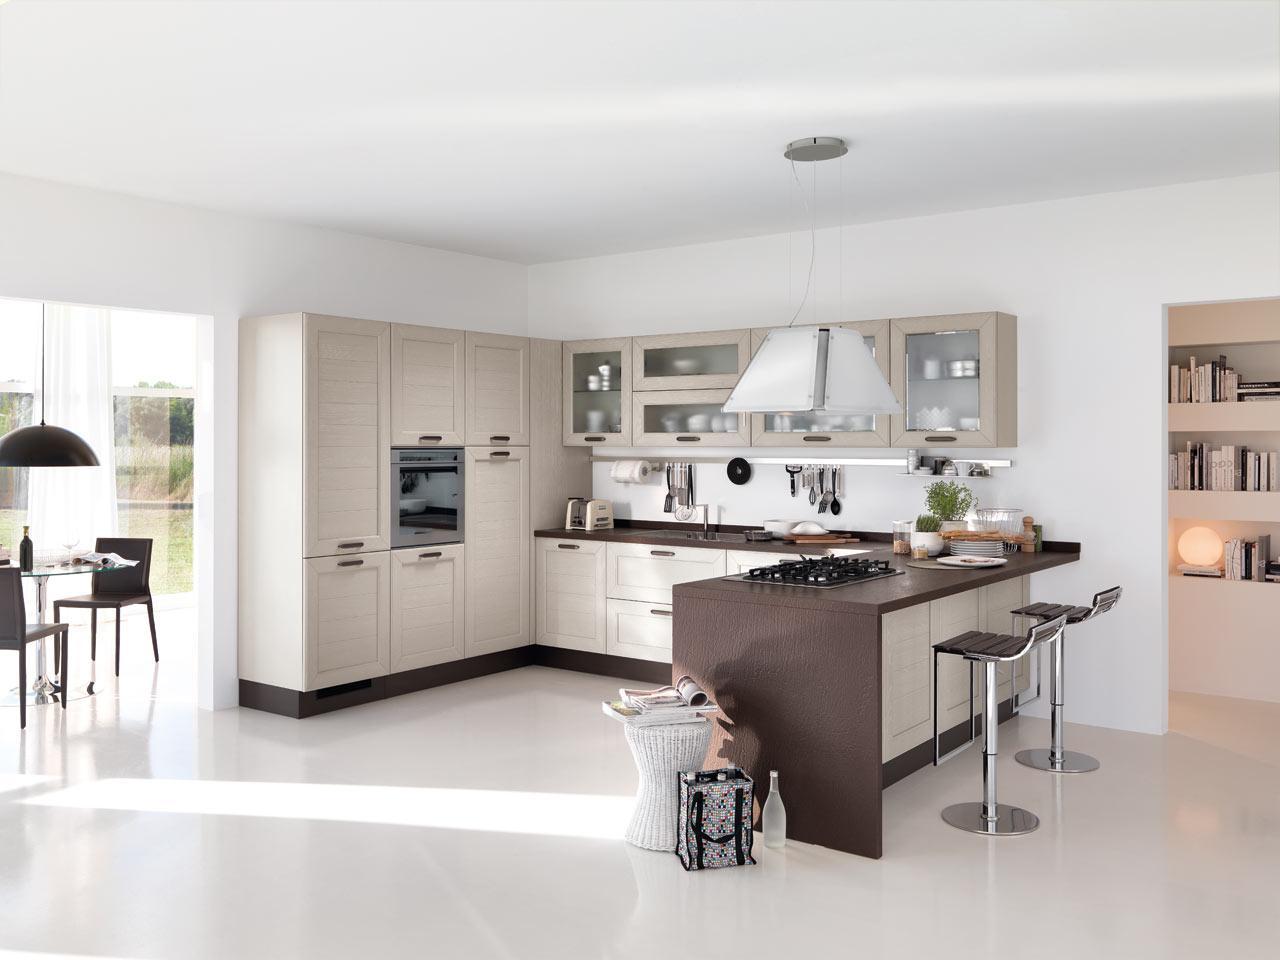 Casa roma mobila italiana for Penisola mobile cucina